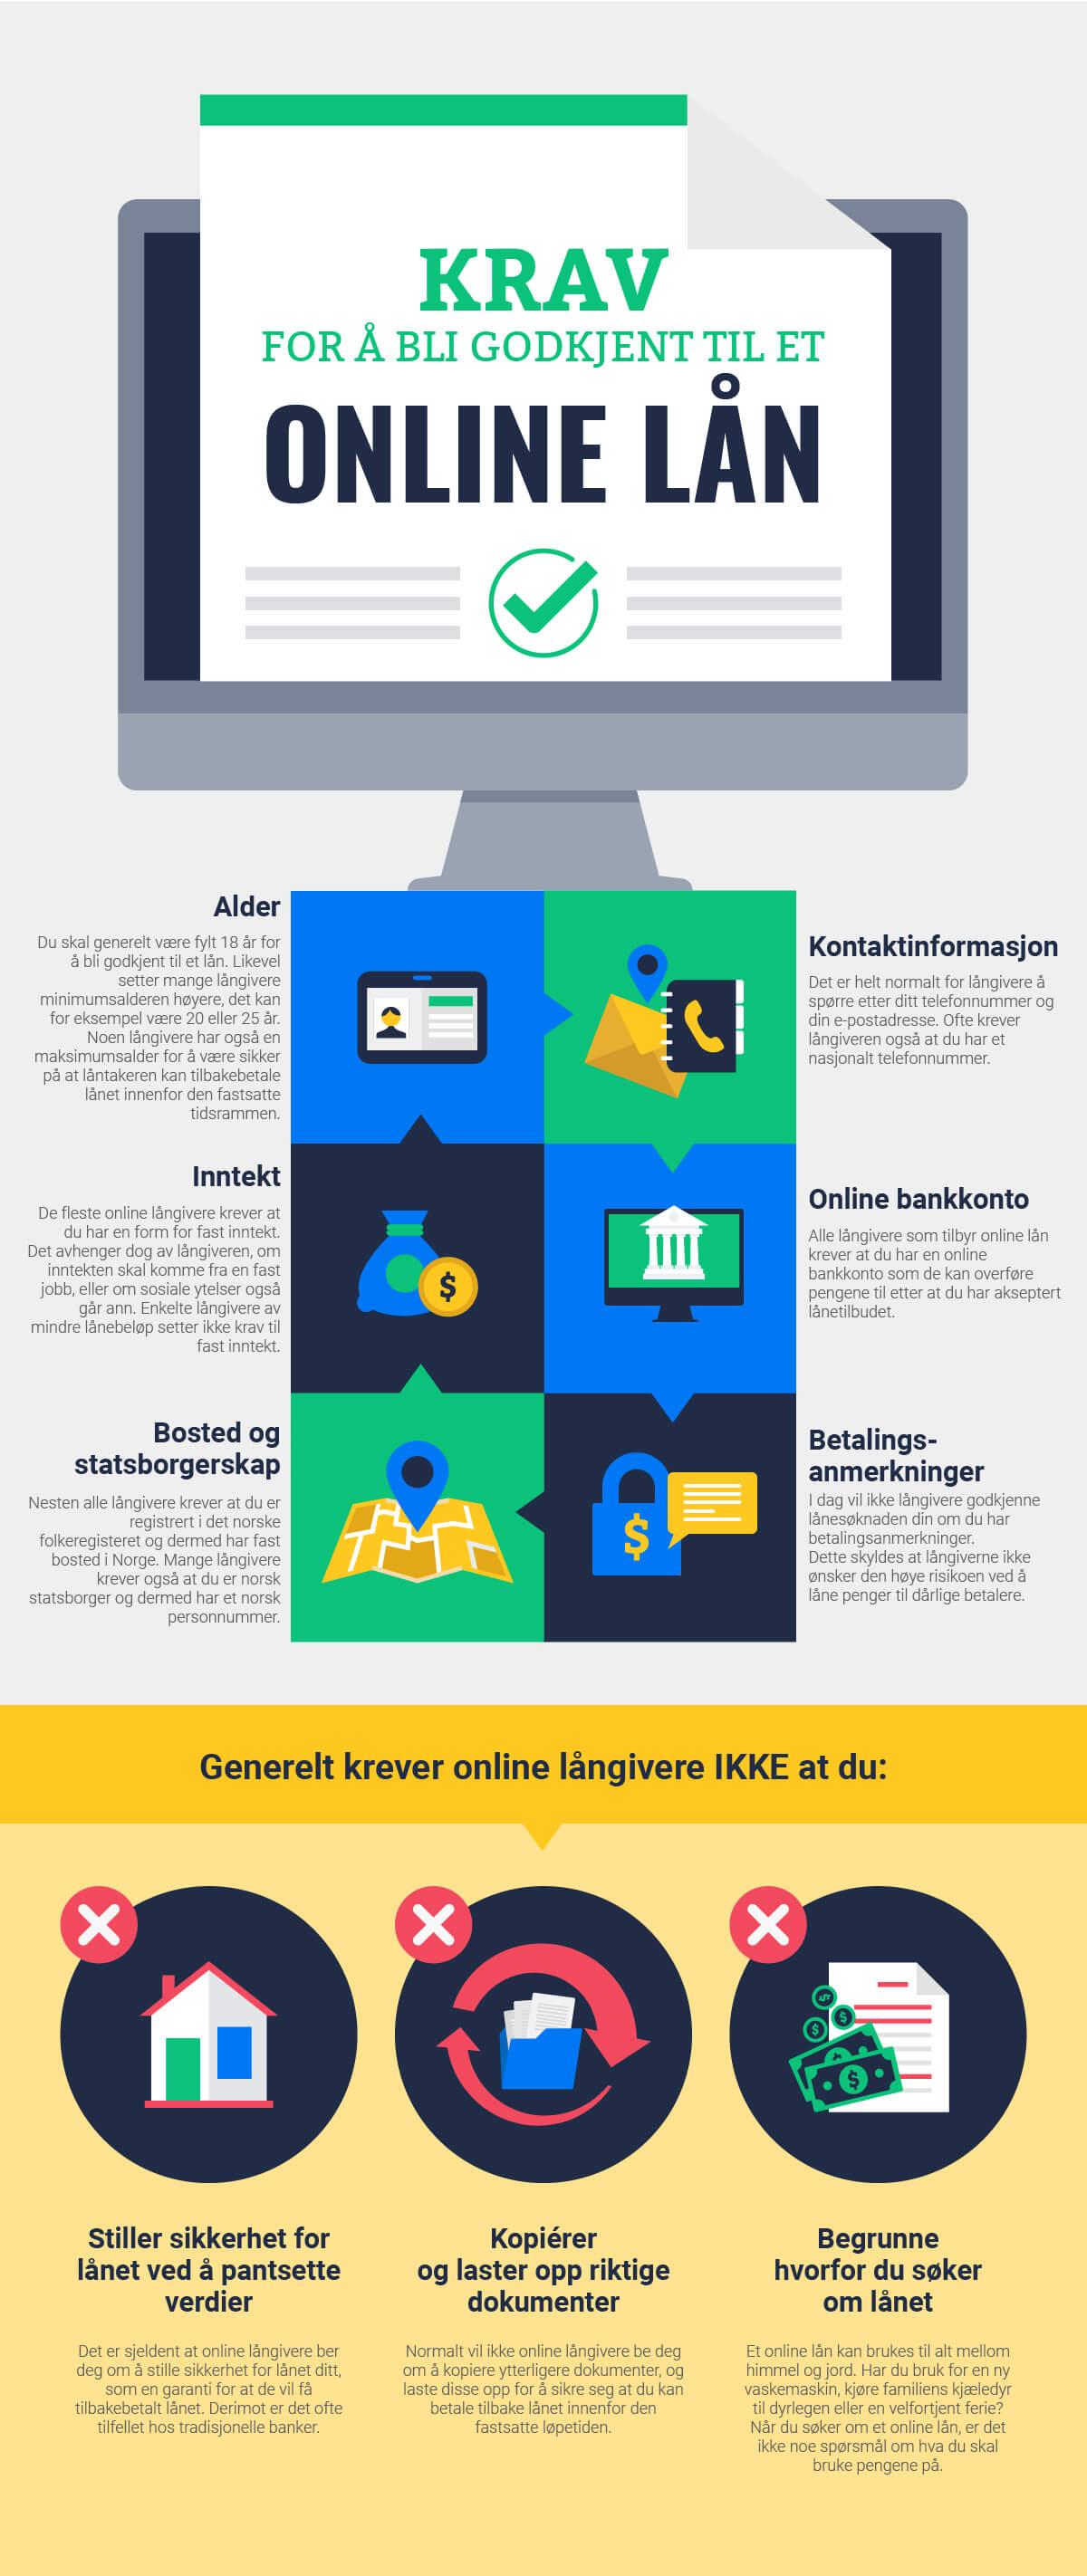 Krav for å bli godkjent til et online lån